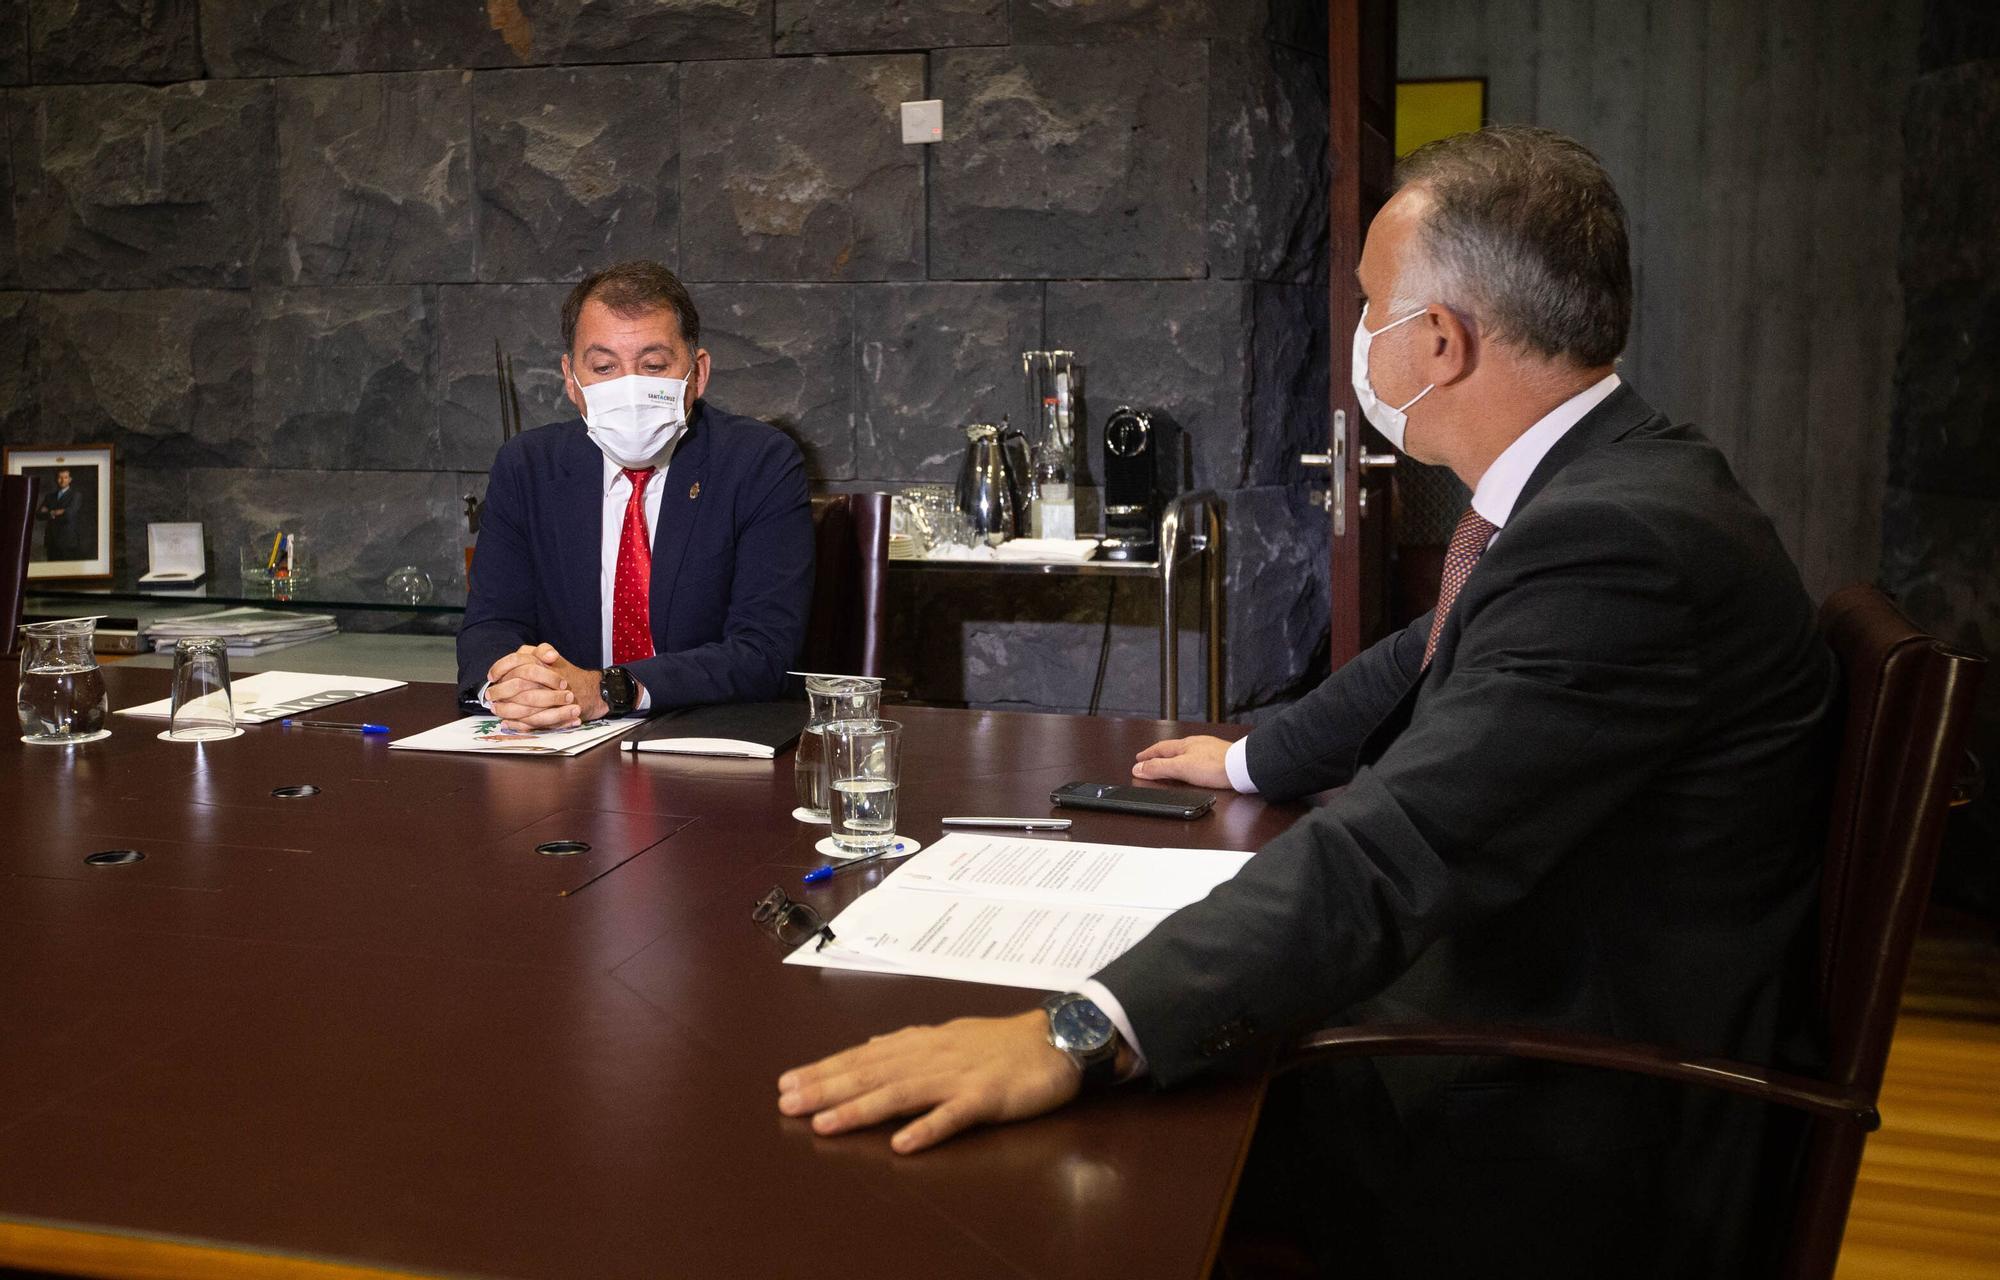 Reunión presidente del Gobierno canario, Ángel Víctor Torres, con el alcalde Santa Cruz de Tenerife, José Manuel Bermúdez.